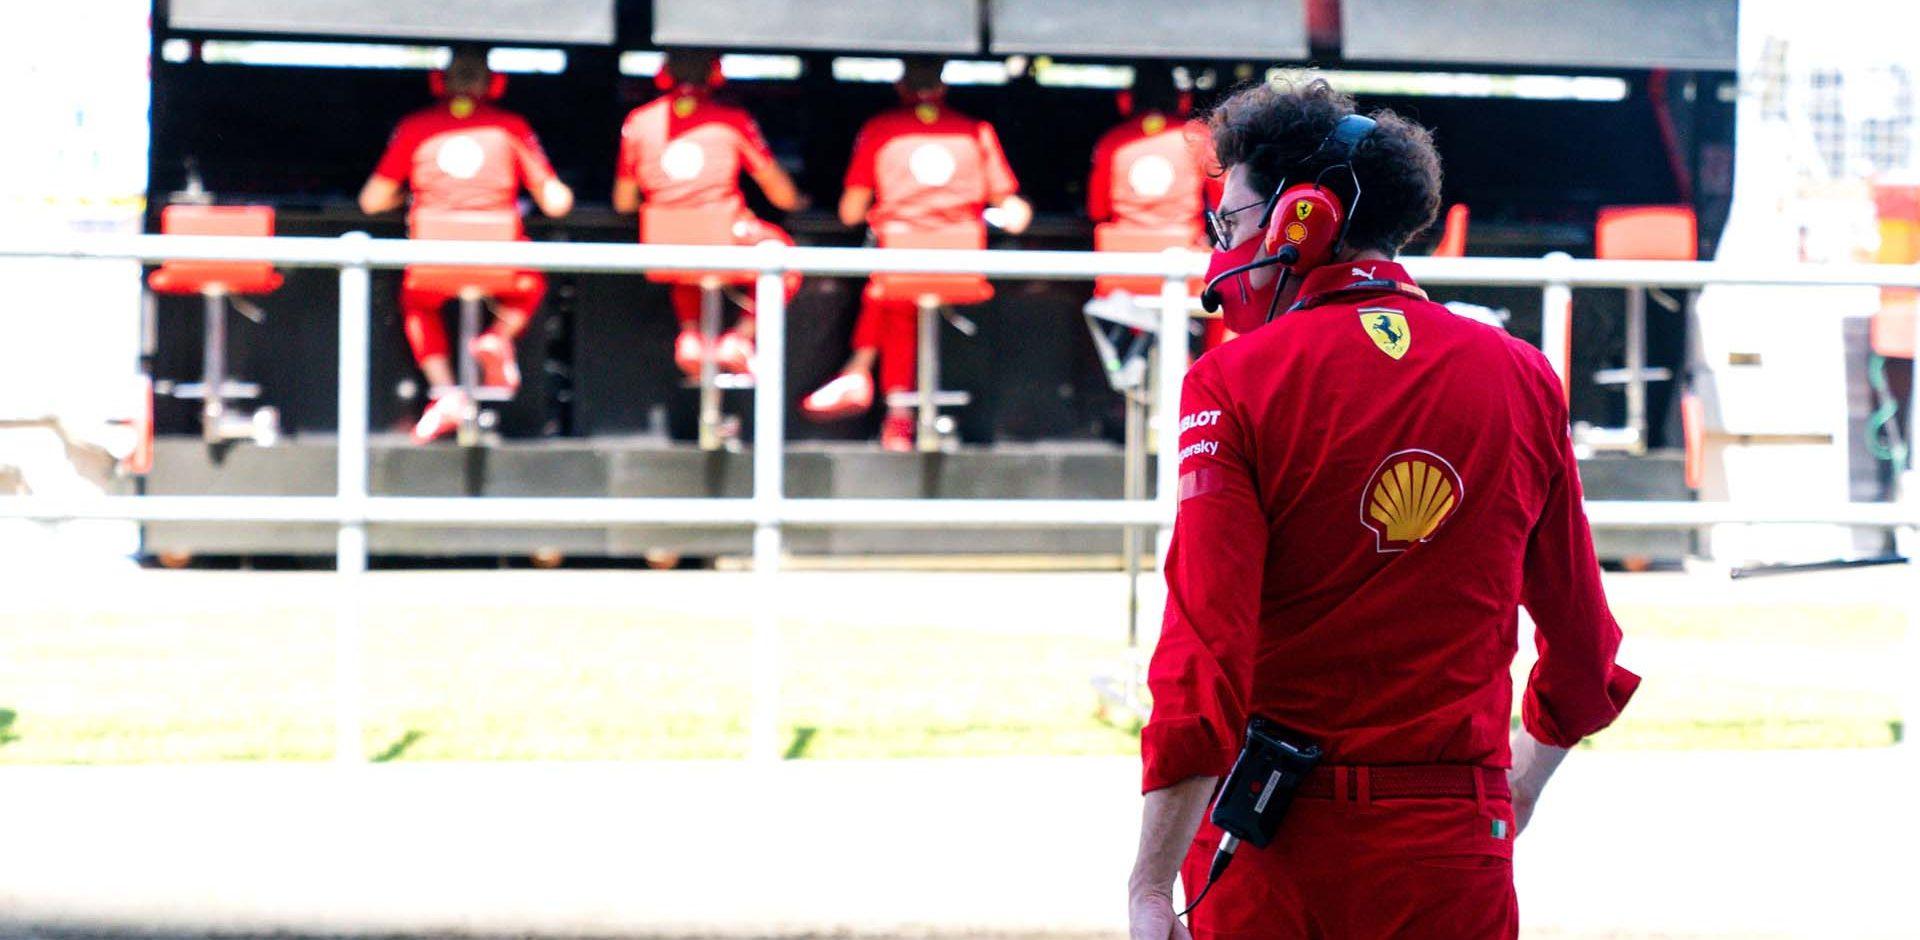 GP GRAN BRETAGNA  F1/2020 -  VENERDÌ 31/07/2020  credit: @Scuderia Ferrari Press Office Mattia Binotto